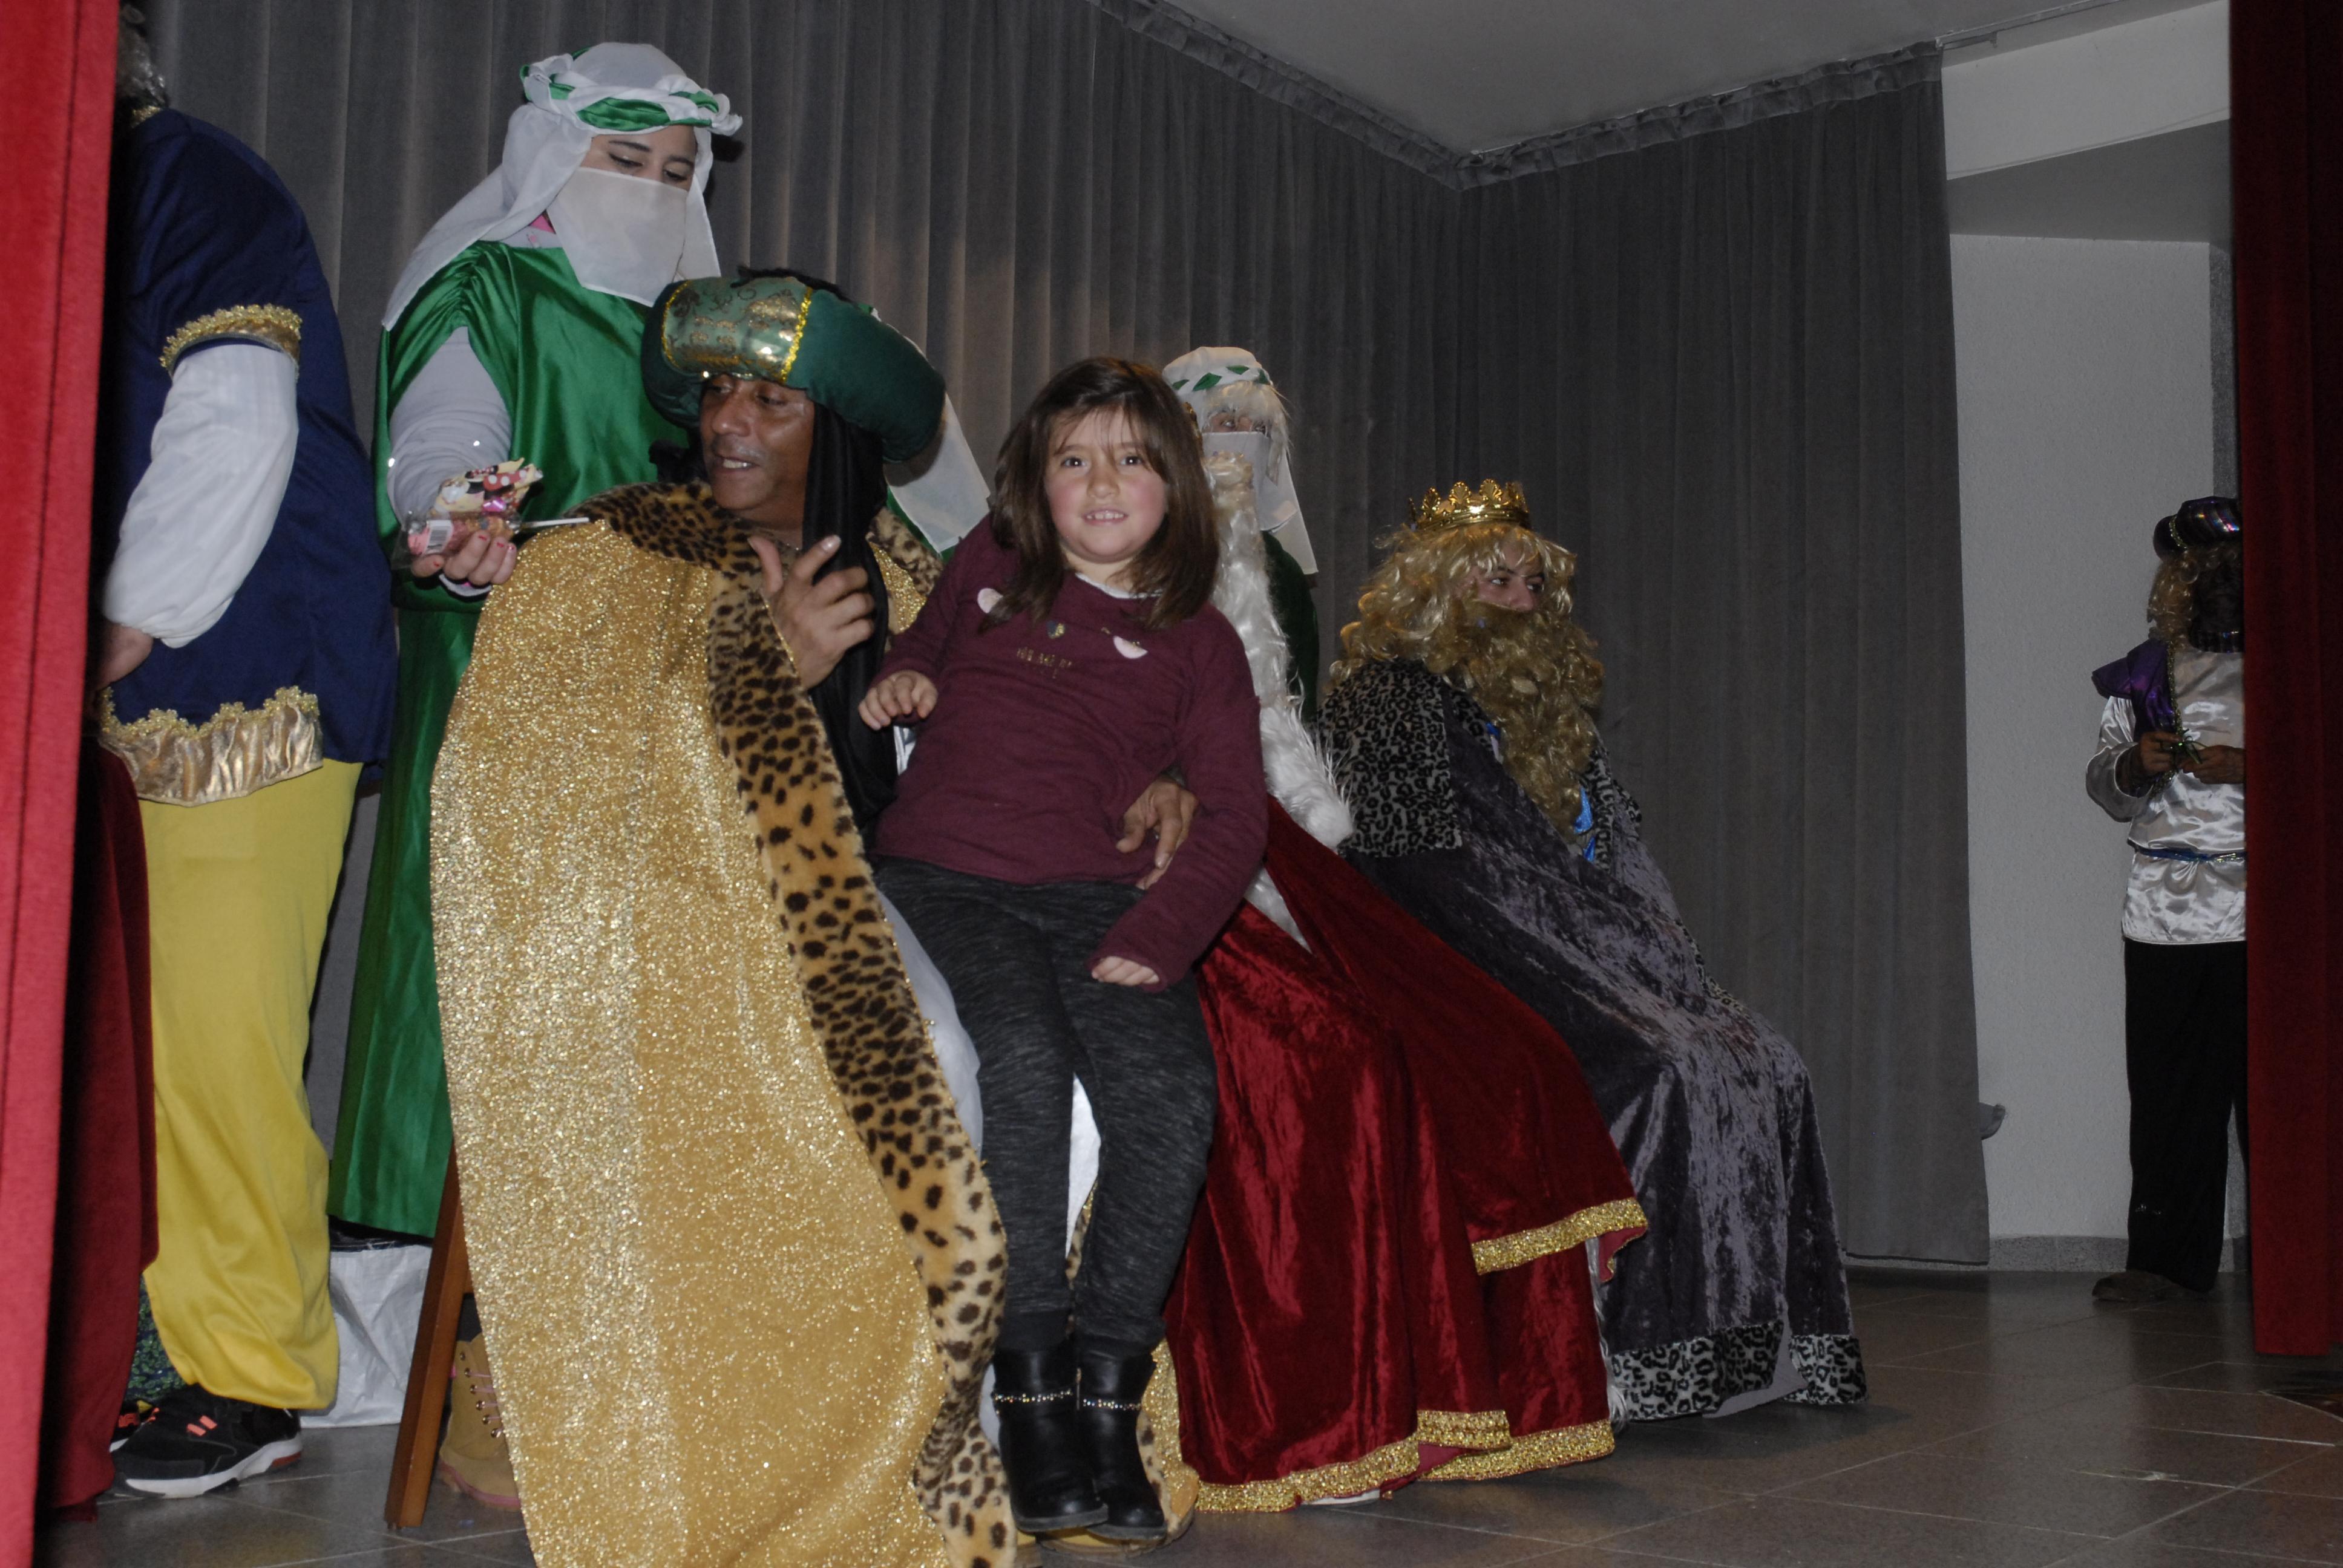 cabalgata-reyes-magos-2017-36